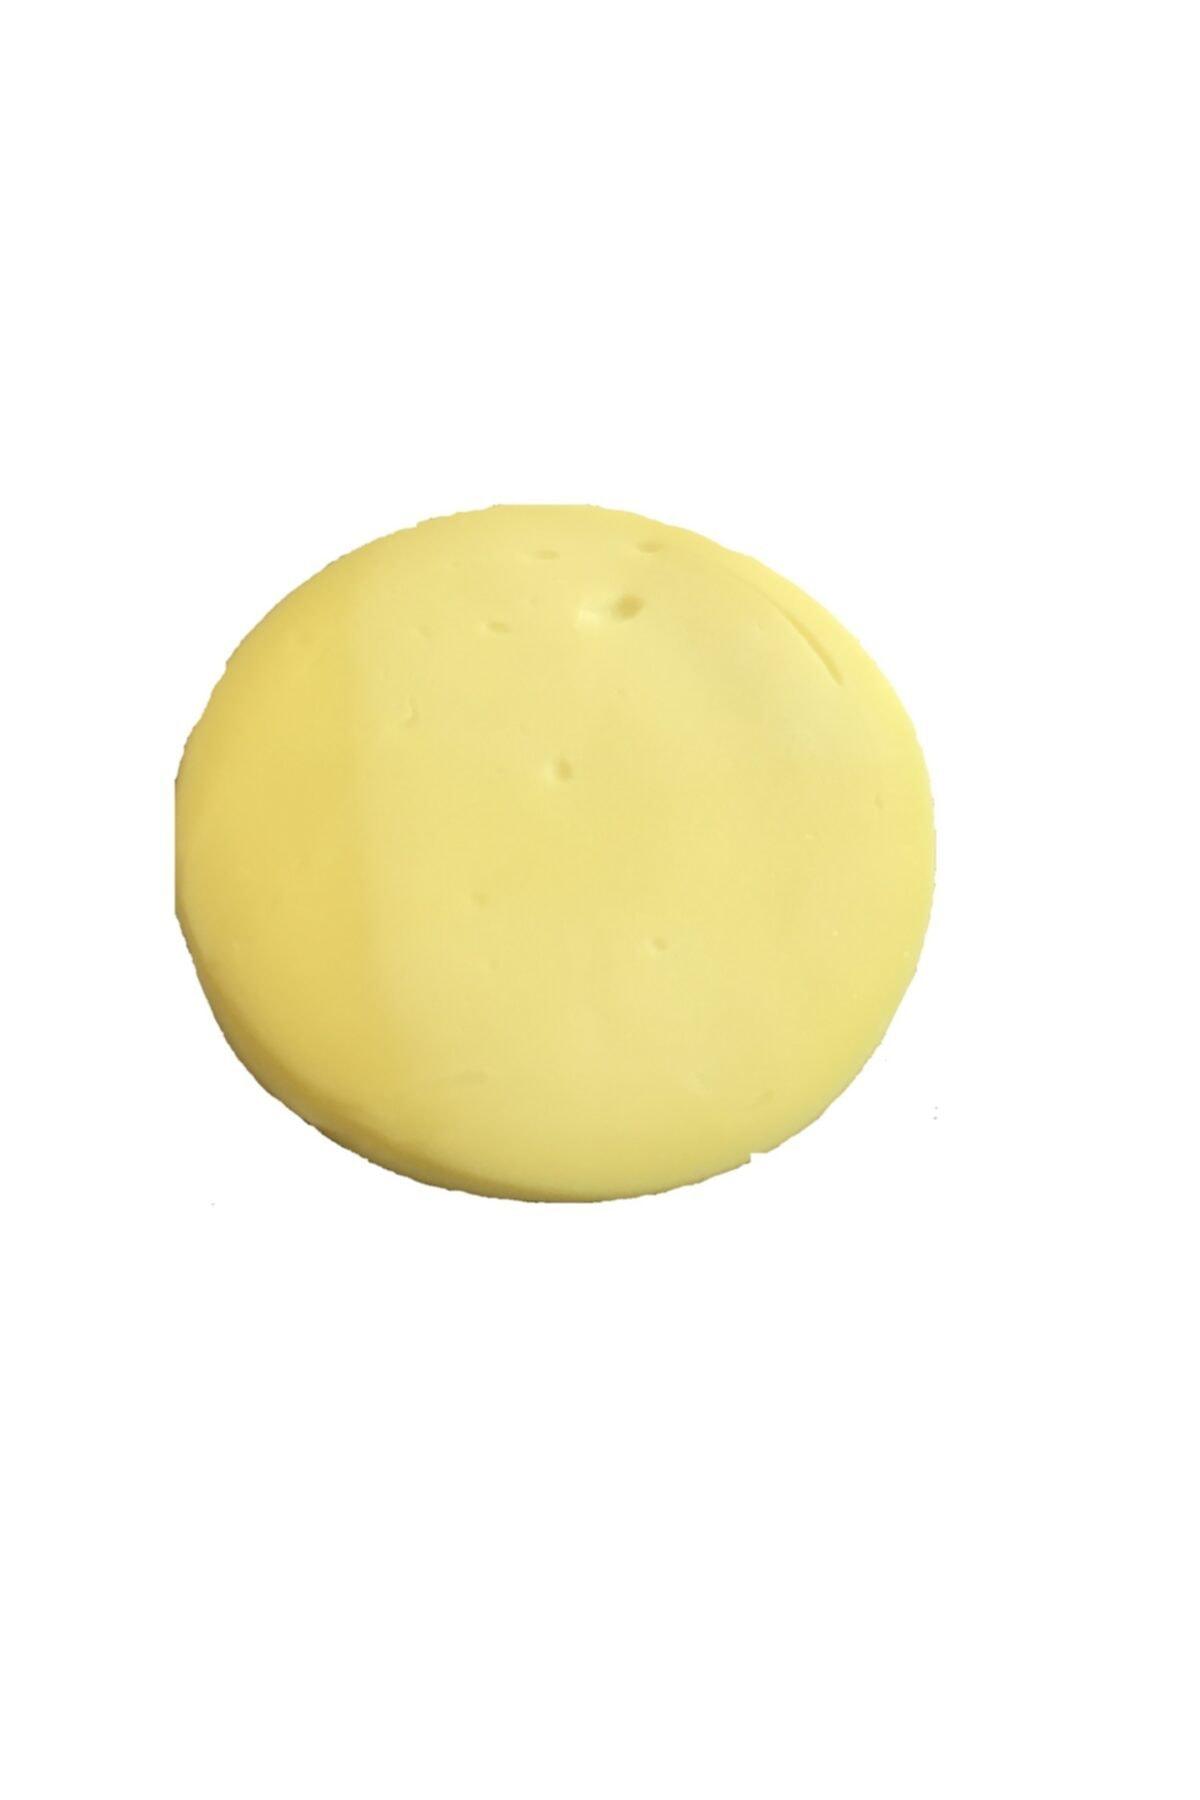 NiyaziBey Çiftliği Taze Kaşar Peynir 1 Kg 2